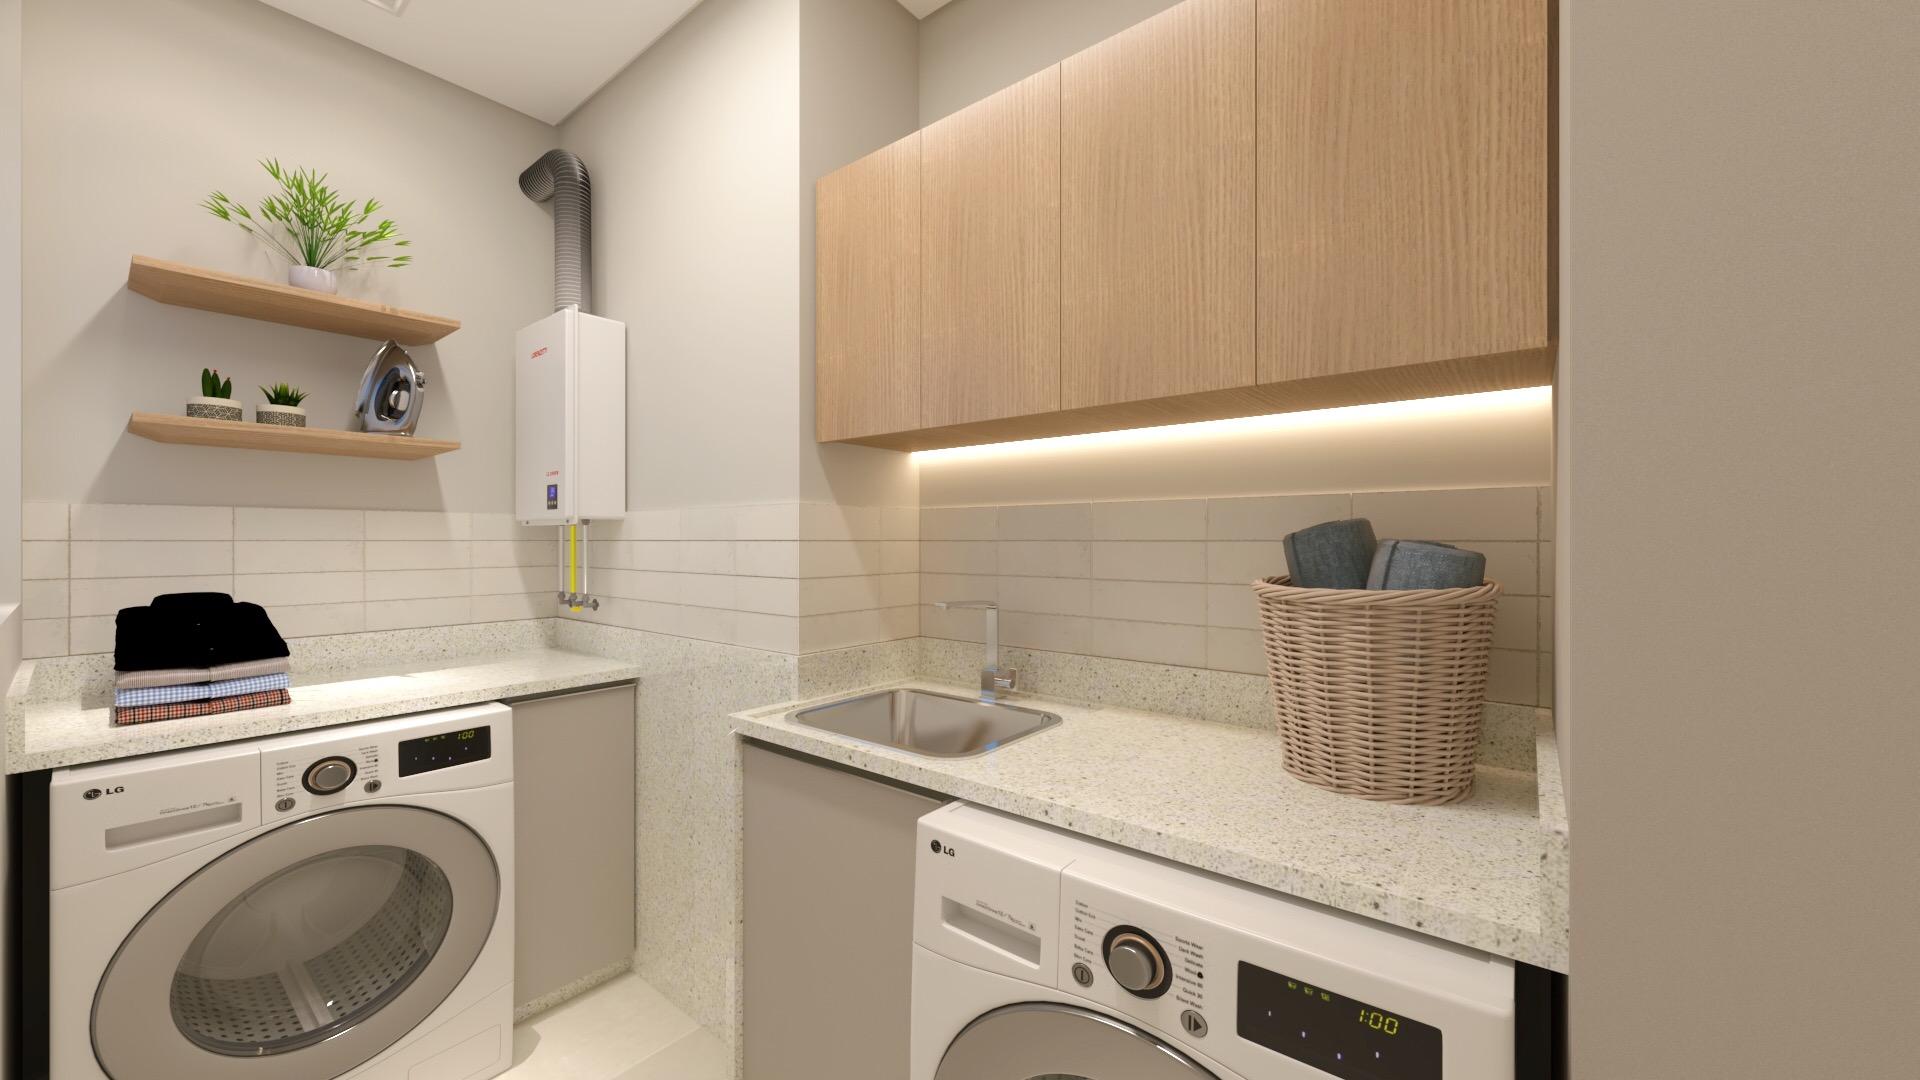 Apartamento SB - Lavanderia